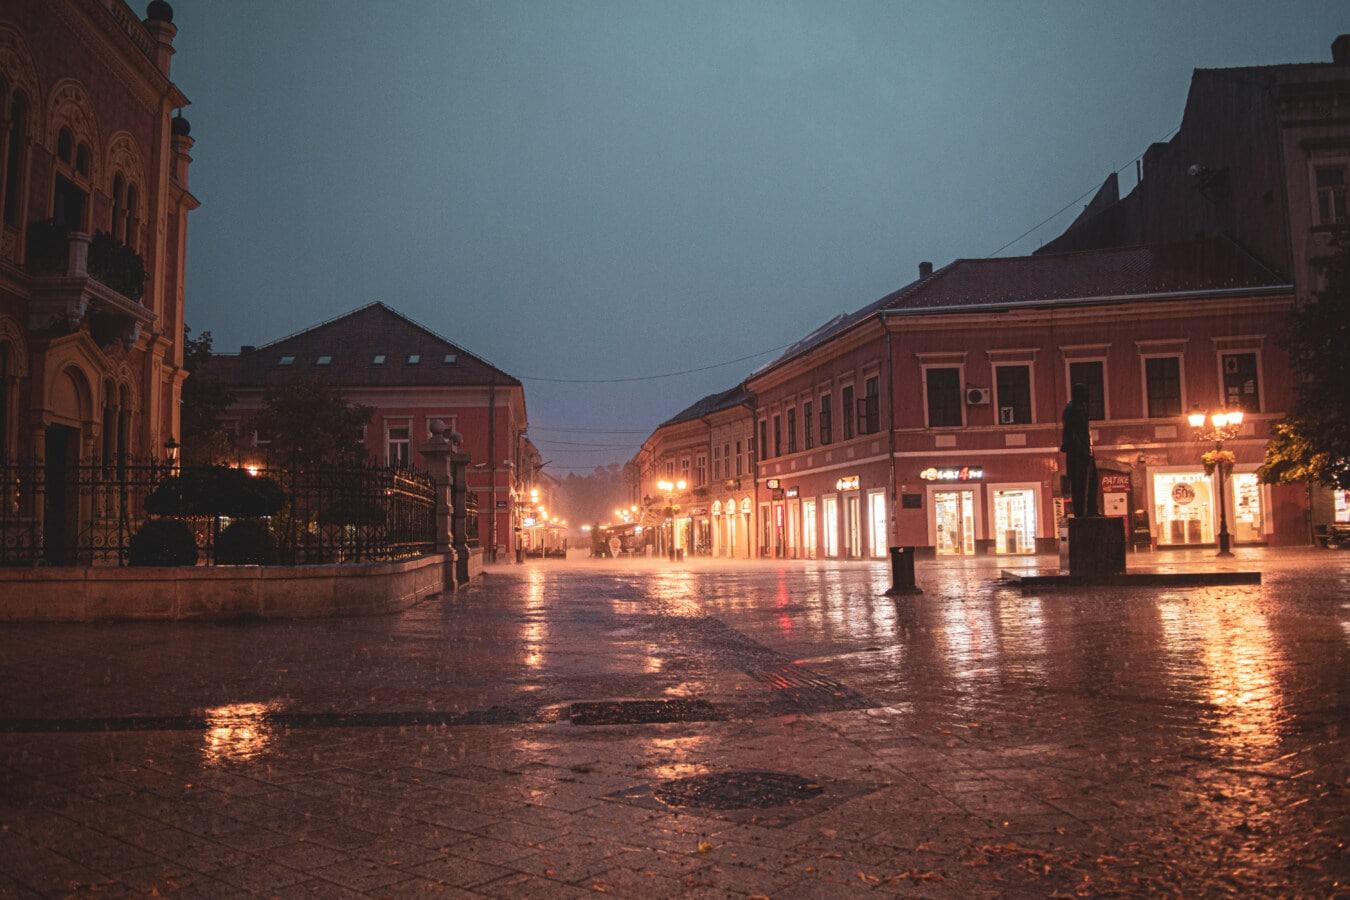 kiša, gradski pejzaž, trg, centar grada, grad, noć, noćni život, loše vrijeme, prazan, ulica